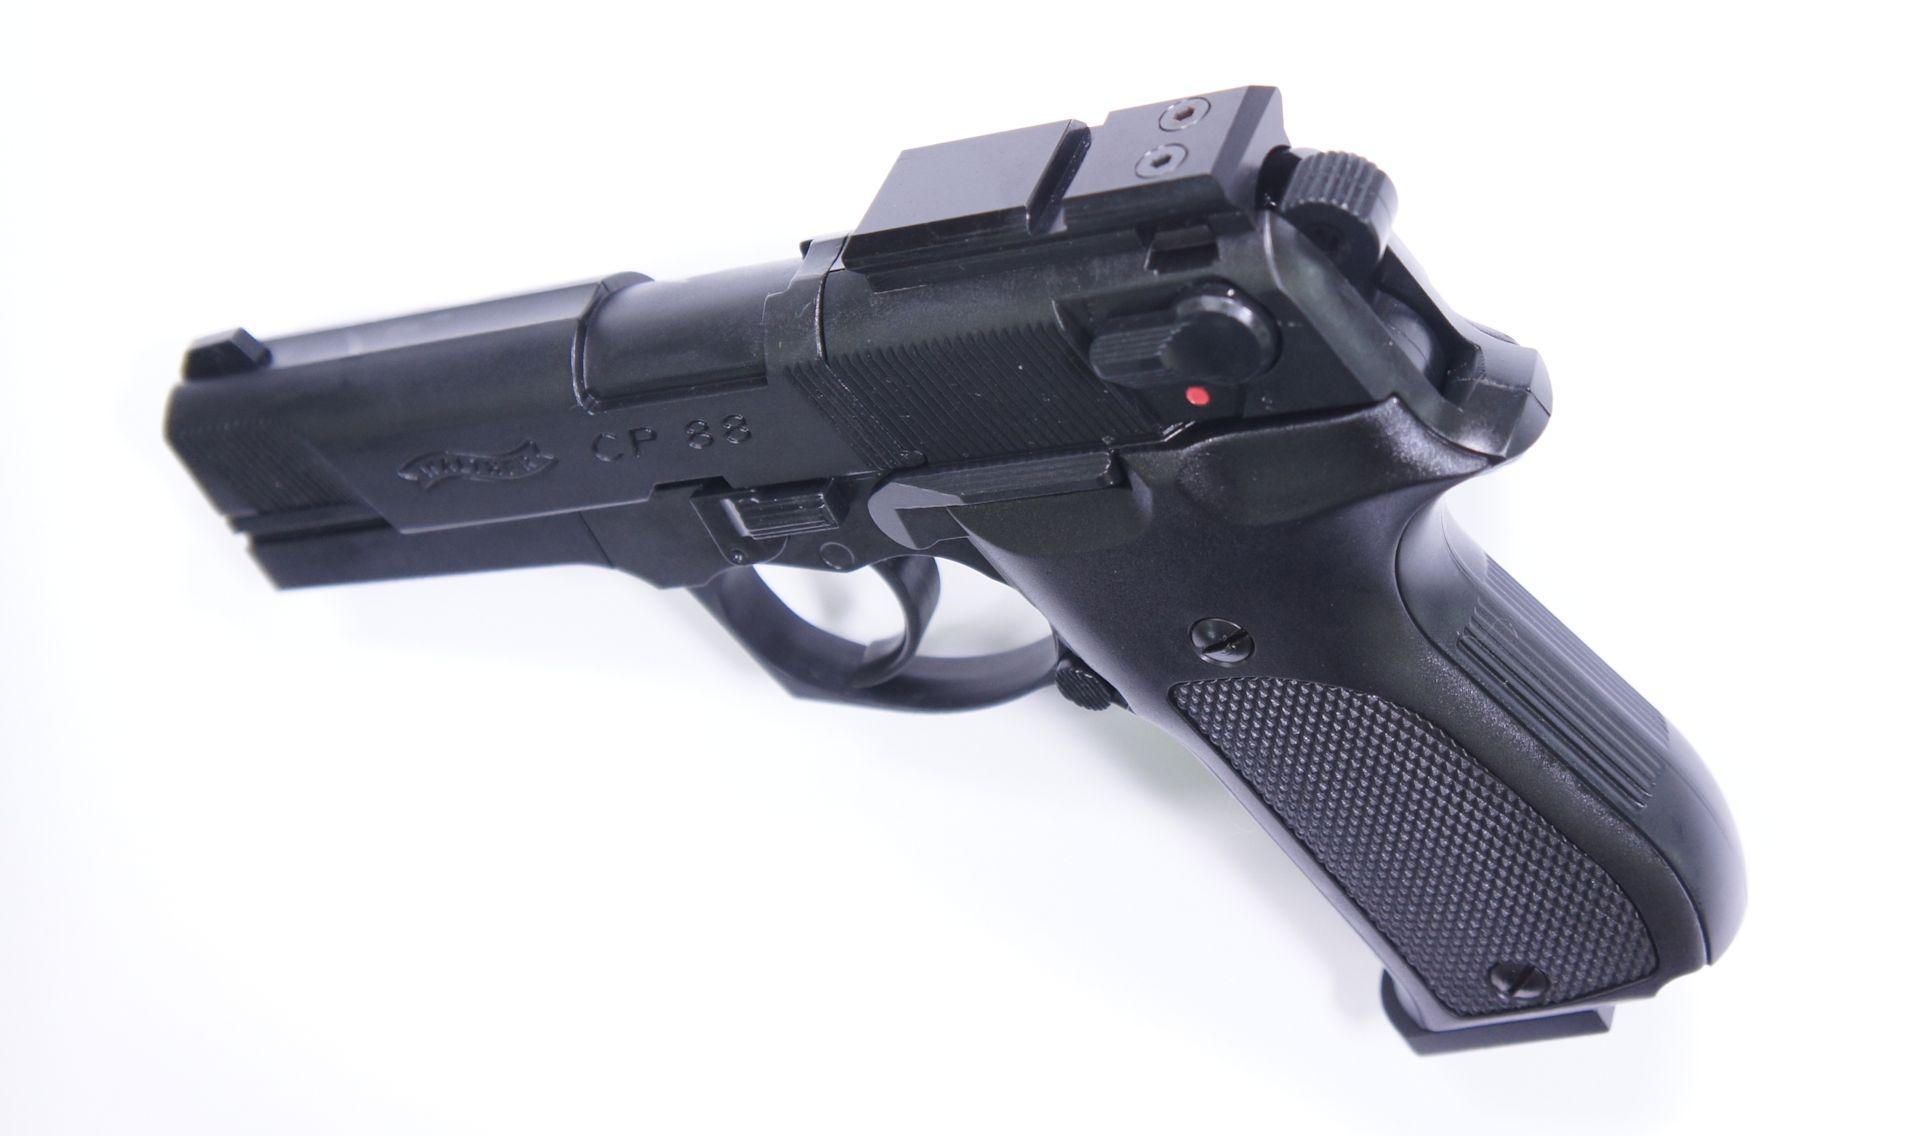 Montagebeispiel auf  <a href=1050061.htm> CO2 Pistole Walther CP88 schwarz, 4 Zoll</a>